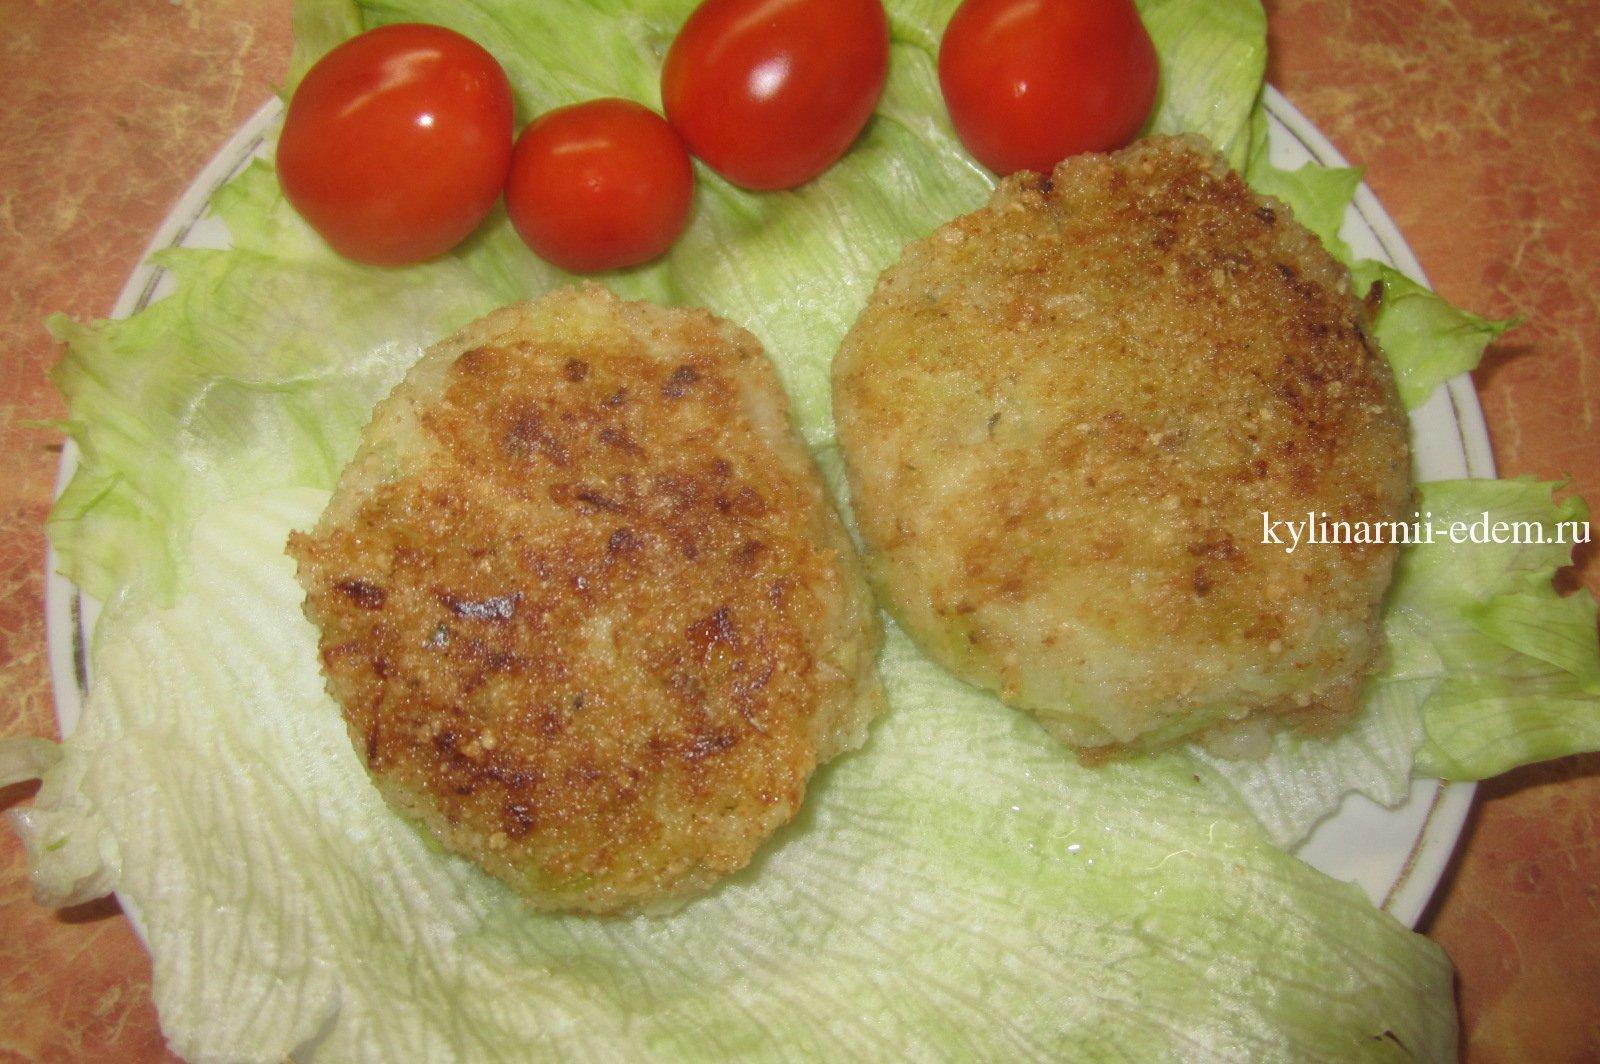 Диетические капустные котлеты в духовке рецепт пошагово в